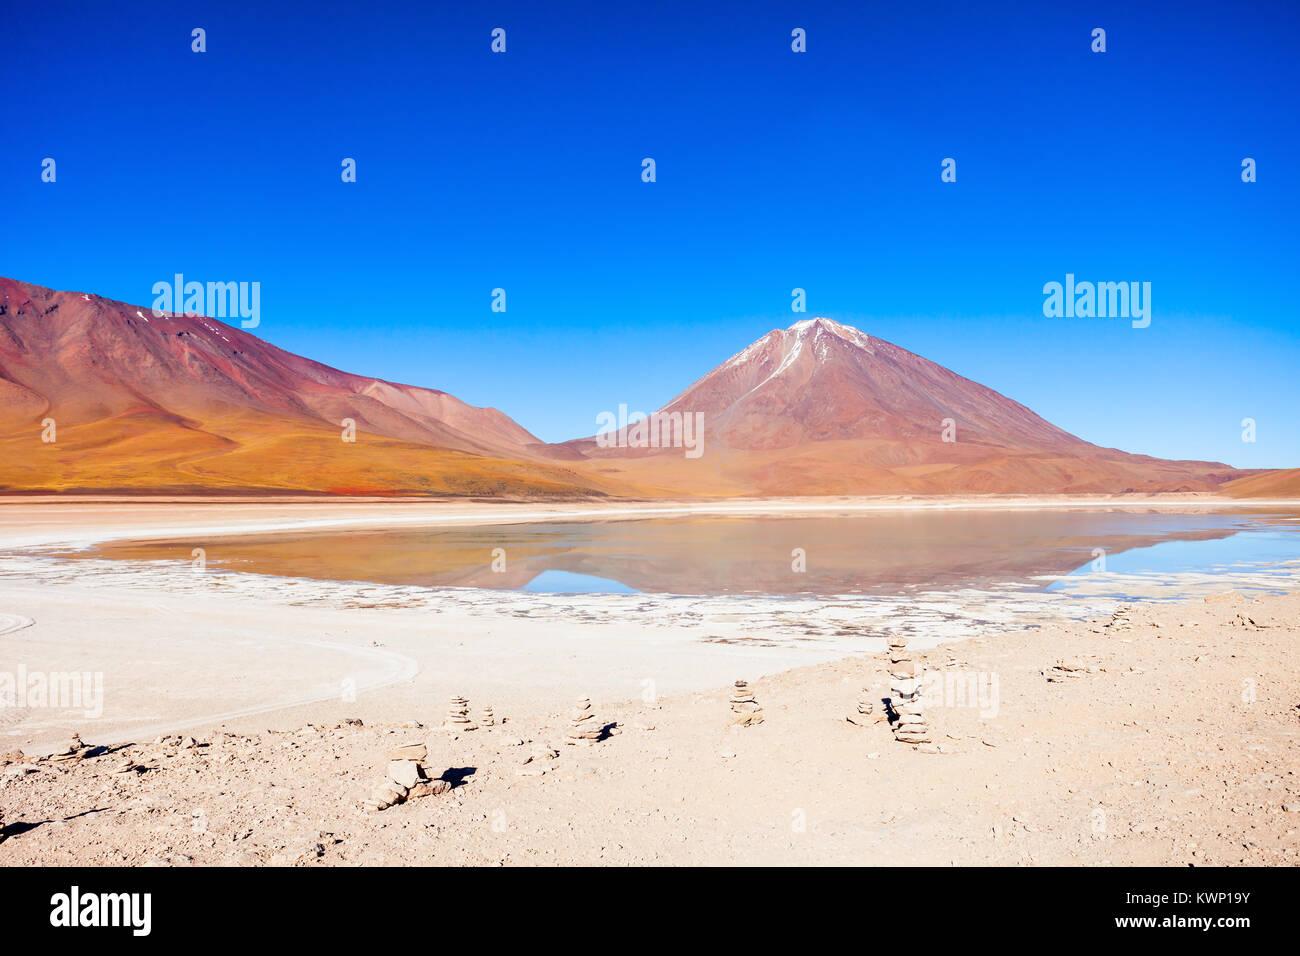 El volcán Licancabur y Laguna Verde (Green Lake) en el Altiplano, Bolivia Imagen De Stock